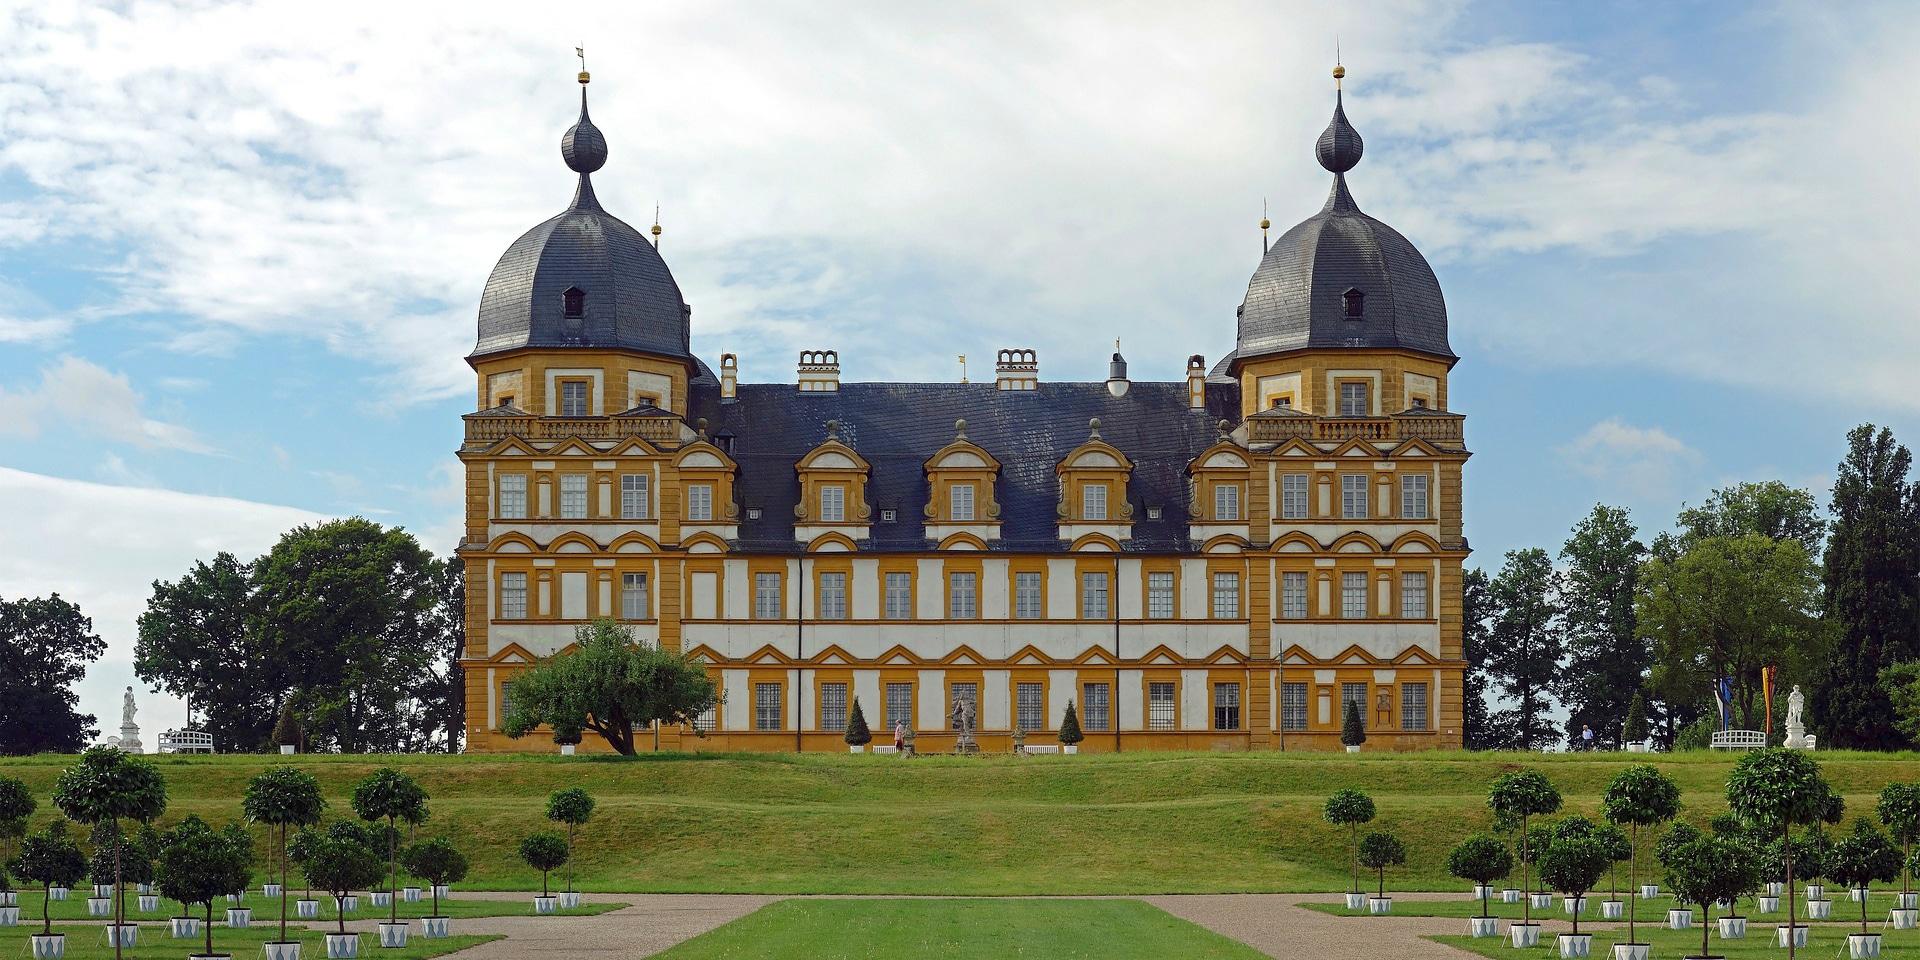 schloss seehof - Schloss Seehof